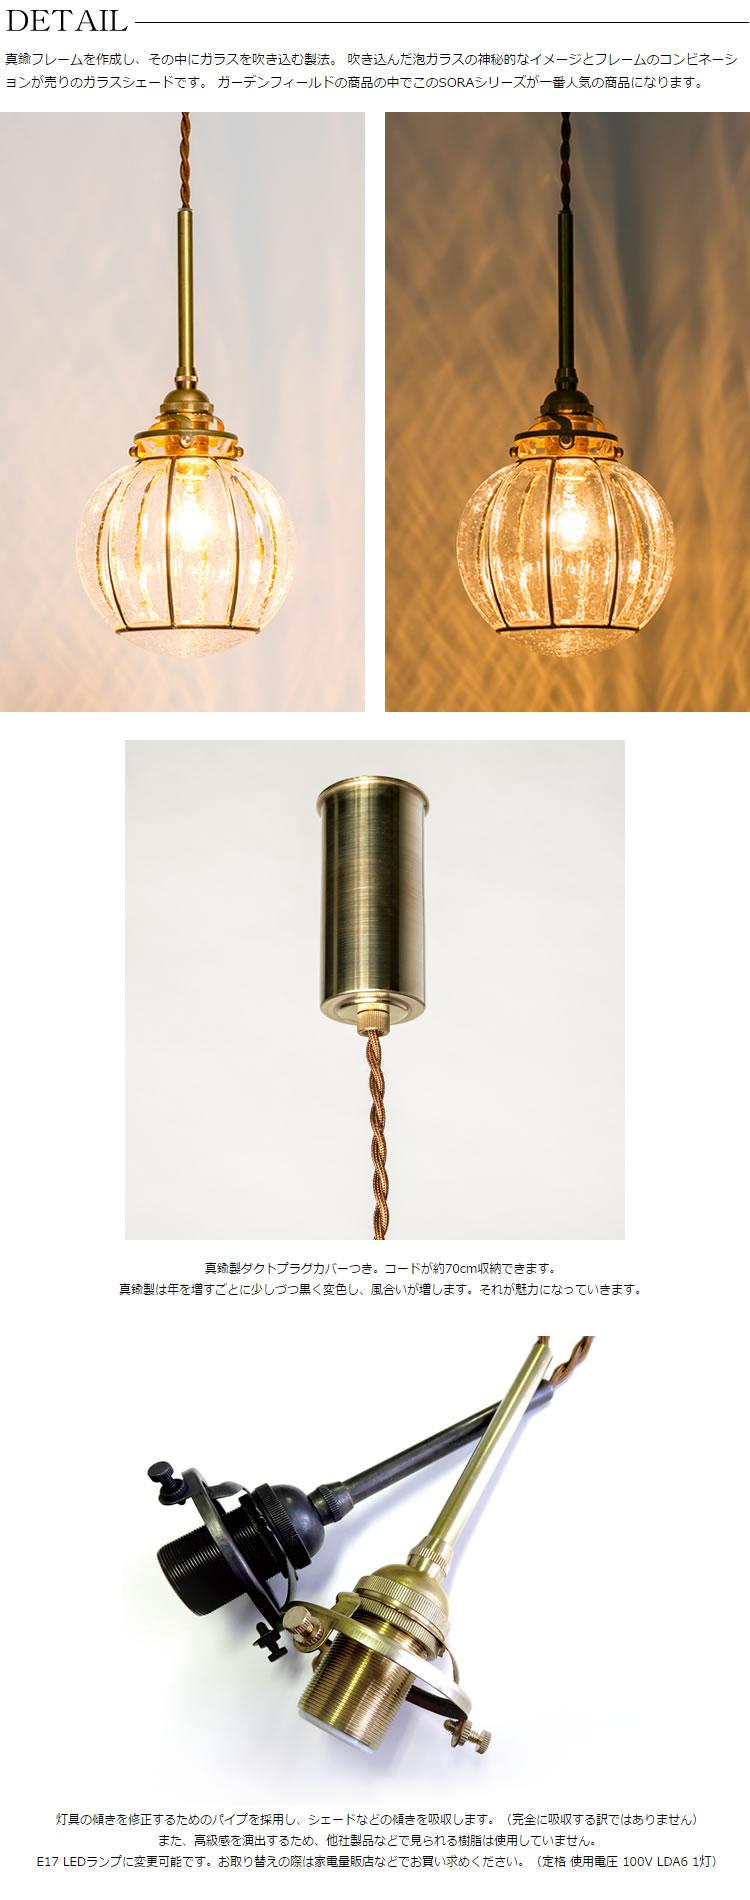 SORA(泡入りガラス・ダクト・真鍮)